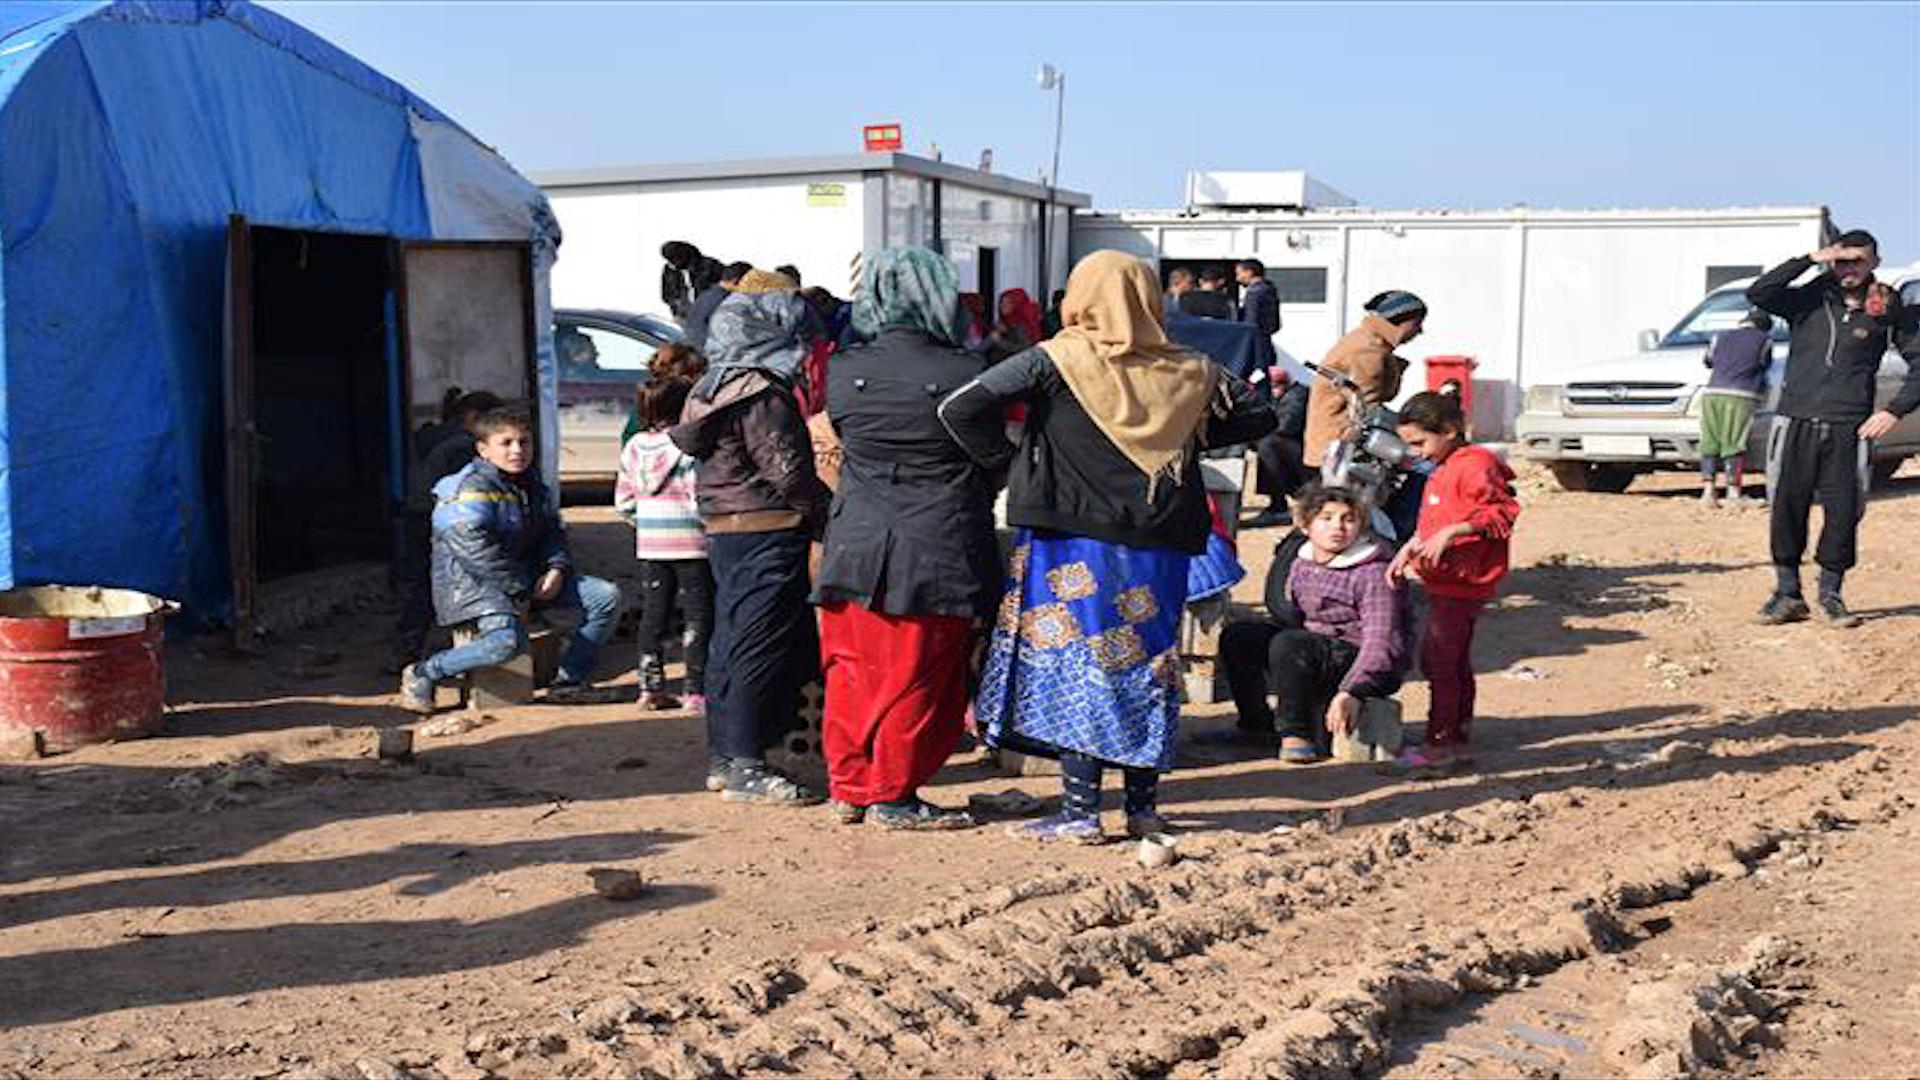 Photo of Hejmara koçberan li kampê gihaşt 4 hezar û 500 koçberî